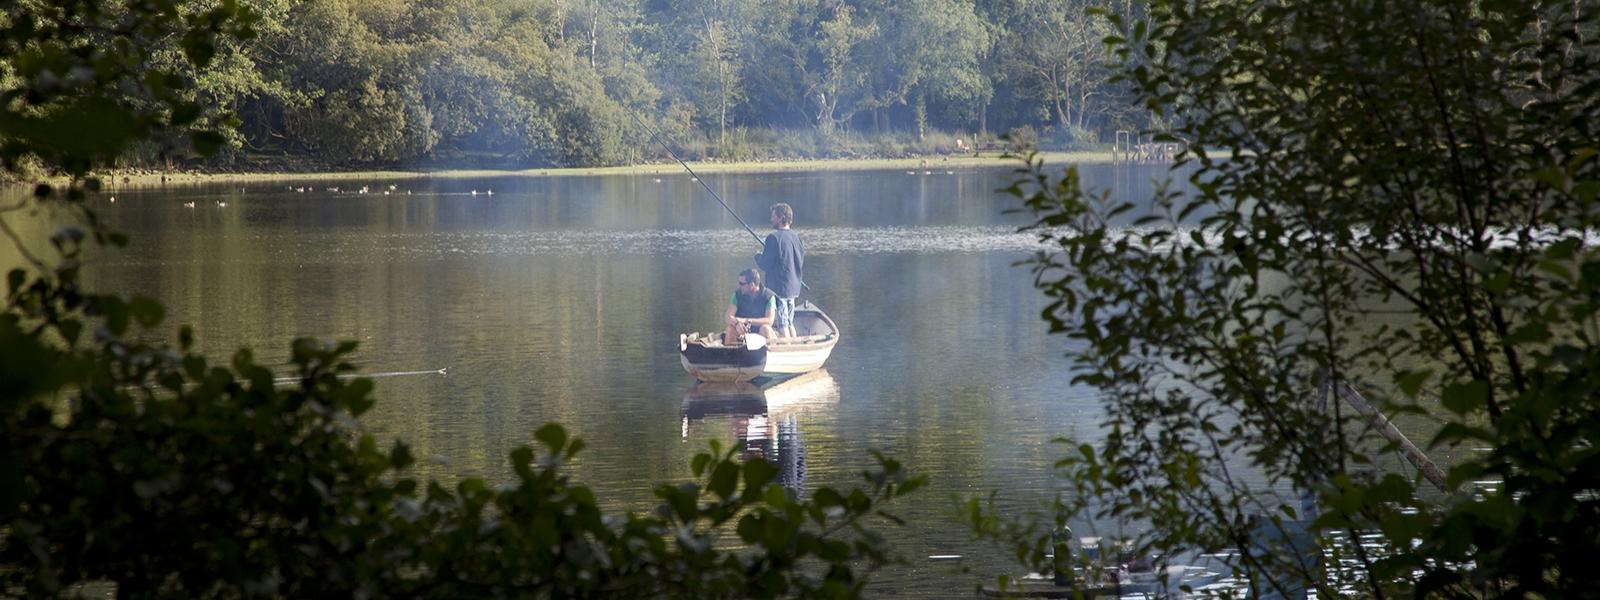 Urlaub auf dem Bauernhof | England | Nord-England | Country Retreat Wyresdale-Forellen Angeltag